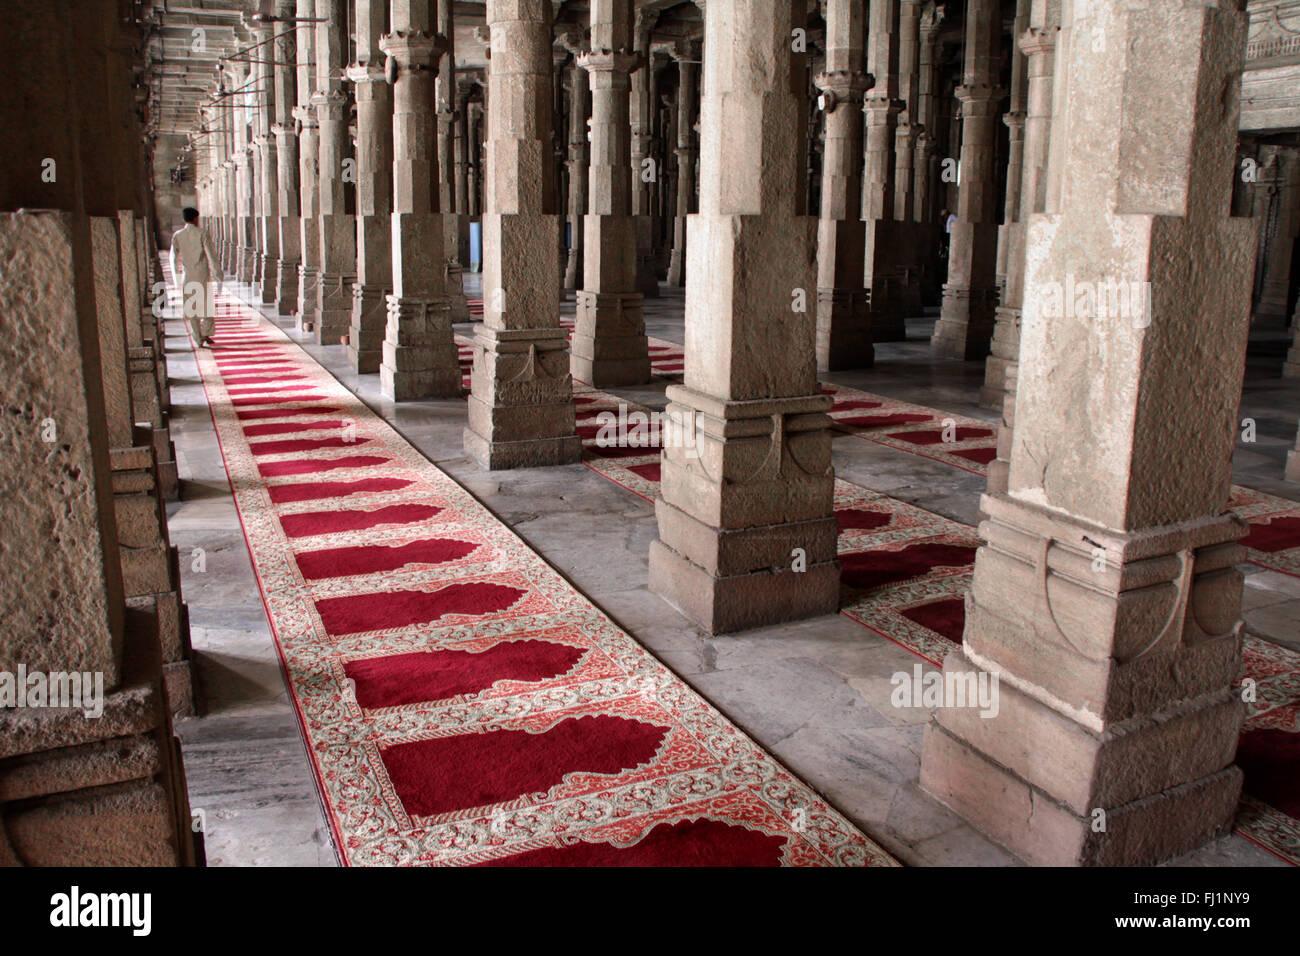 Stunning architecture inside Jama Masjid, Ahmedabad, India - Stock Image